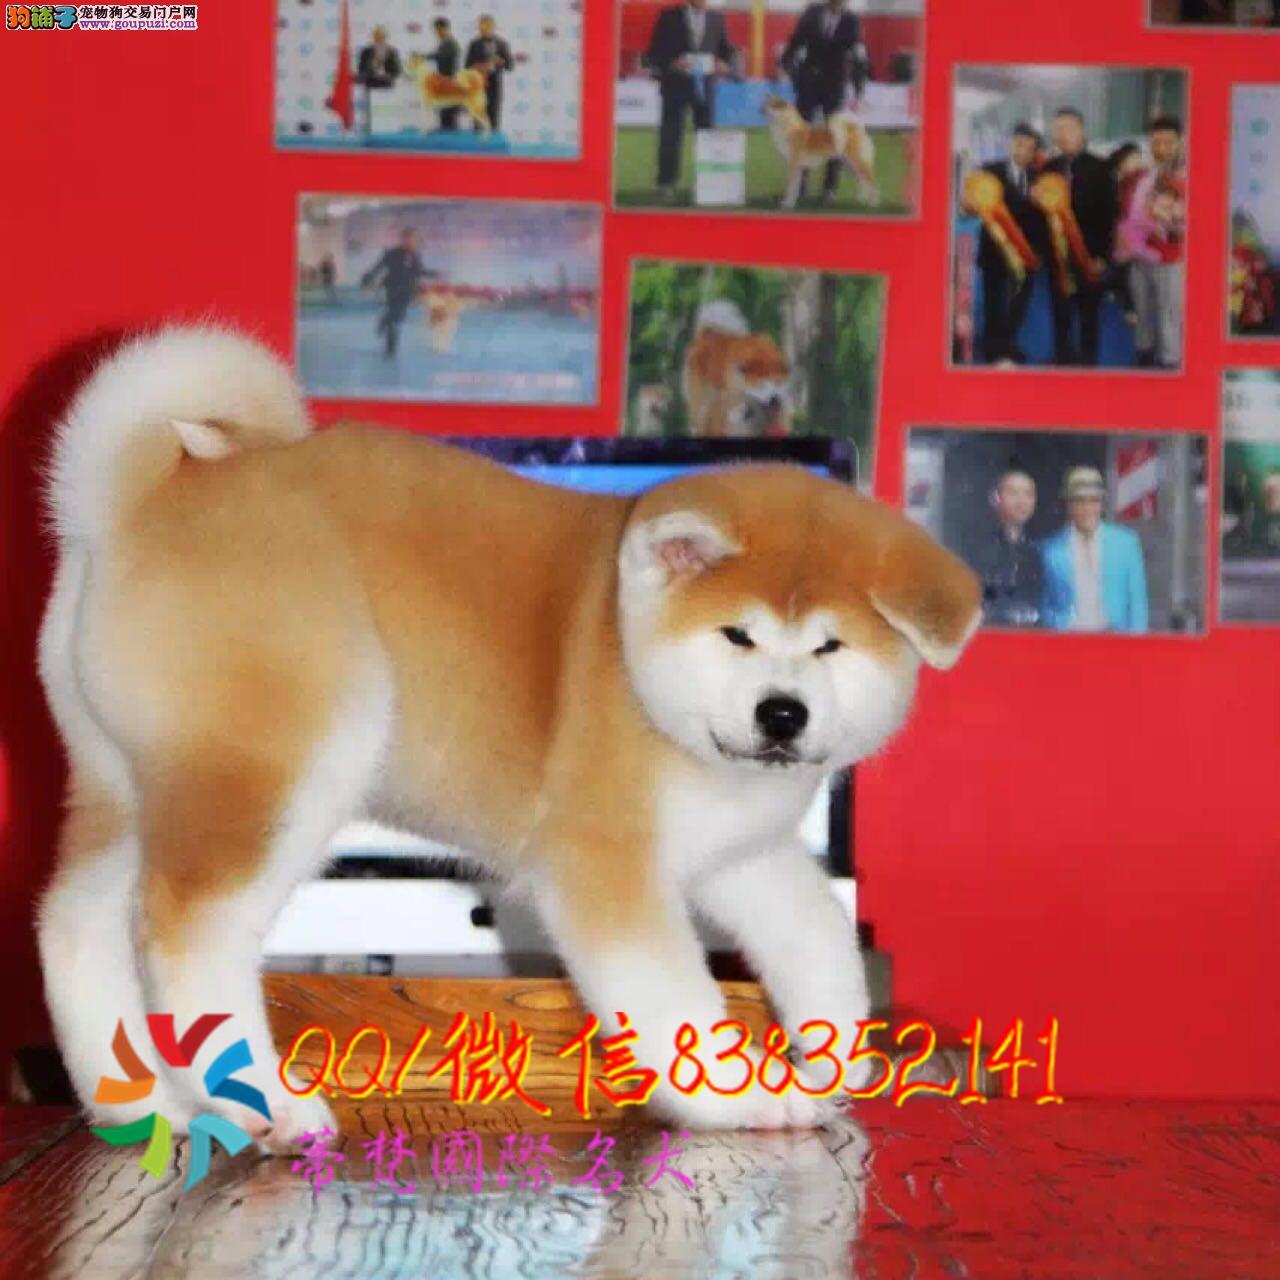 福州哪里卖秋田犬 纯种秋田犬多少钱 赛级秋田幼犬